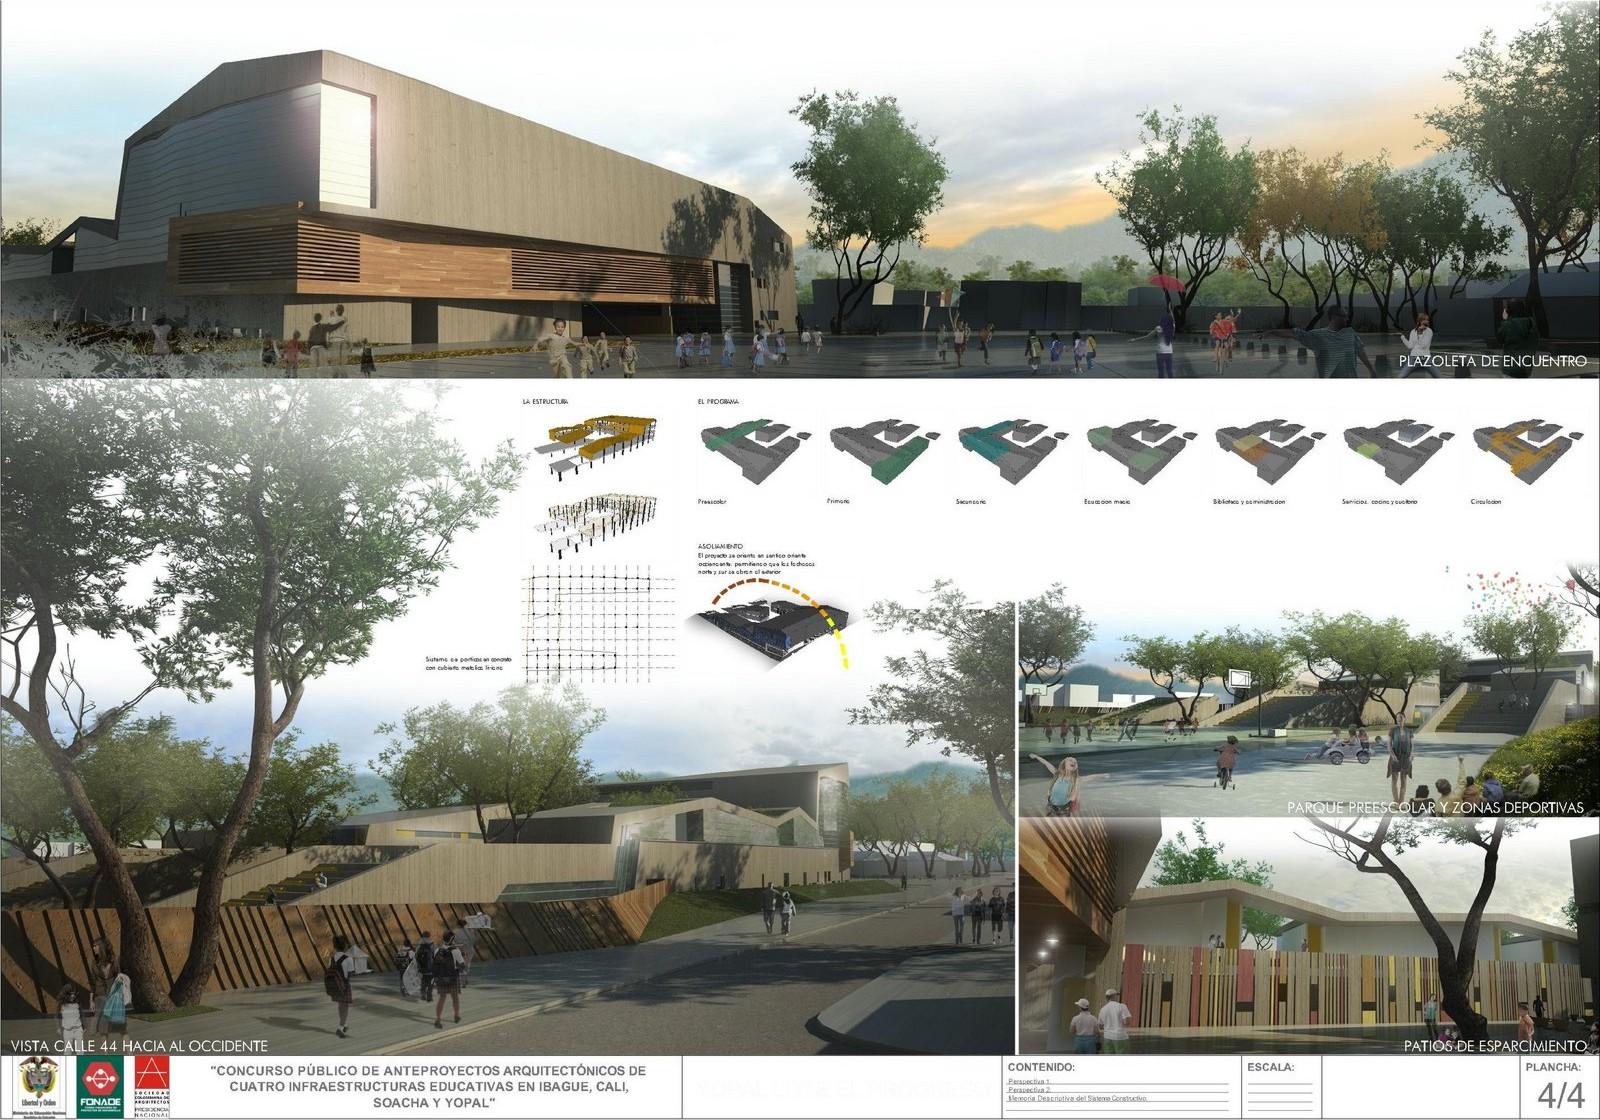 Dise o arquitectos gabriel martinez jose david rodas for Arquitectura de interiores universidades